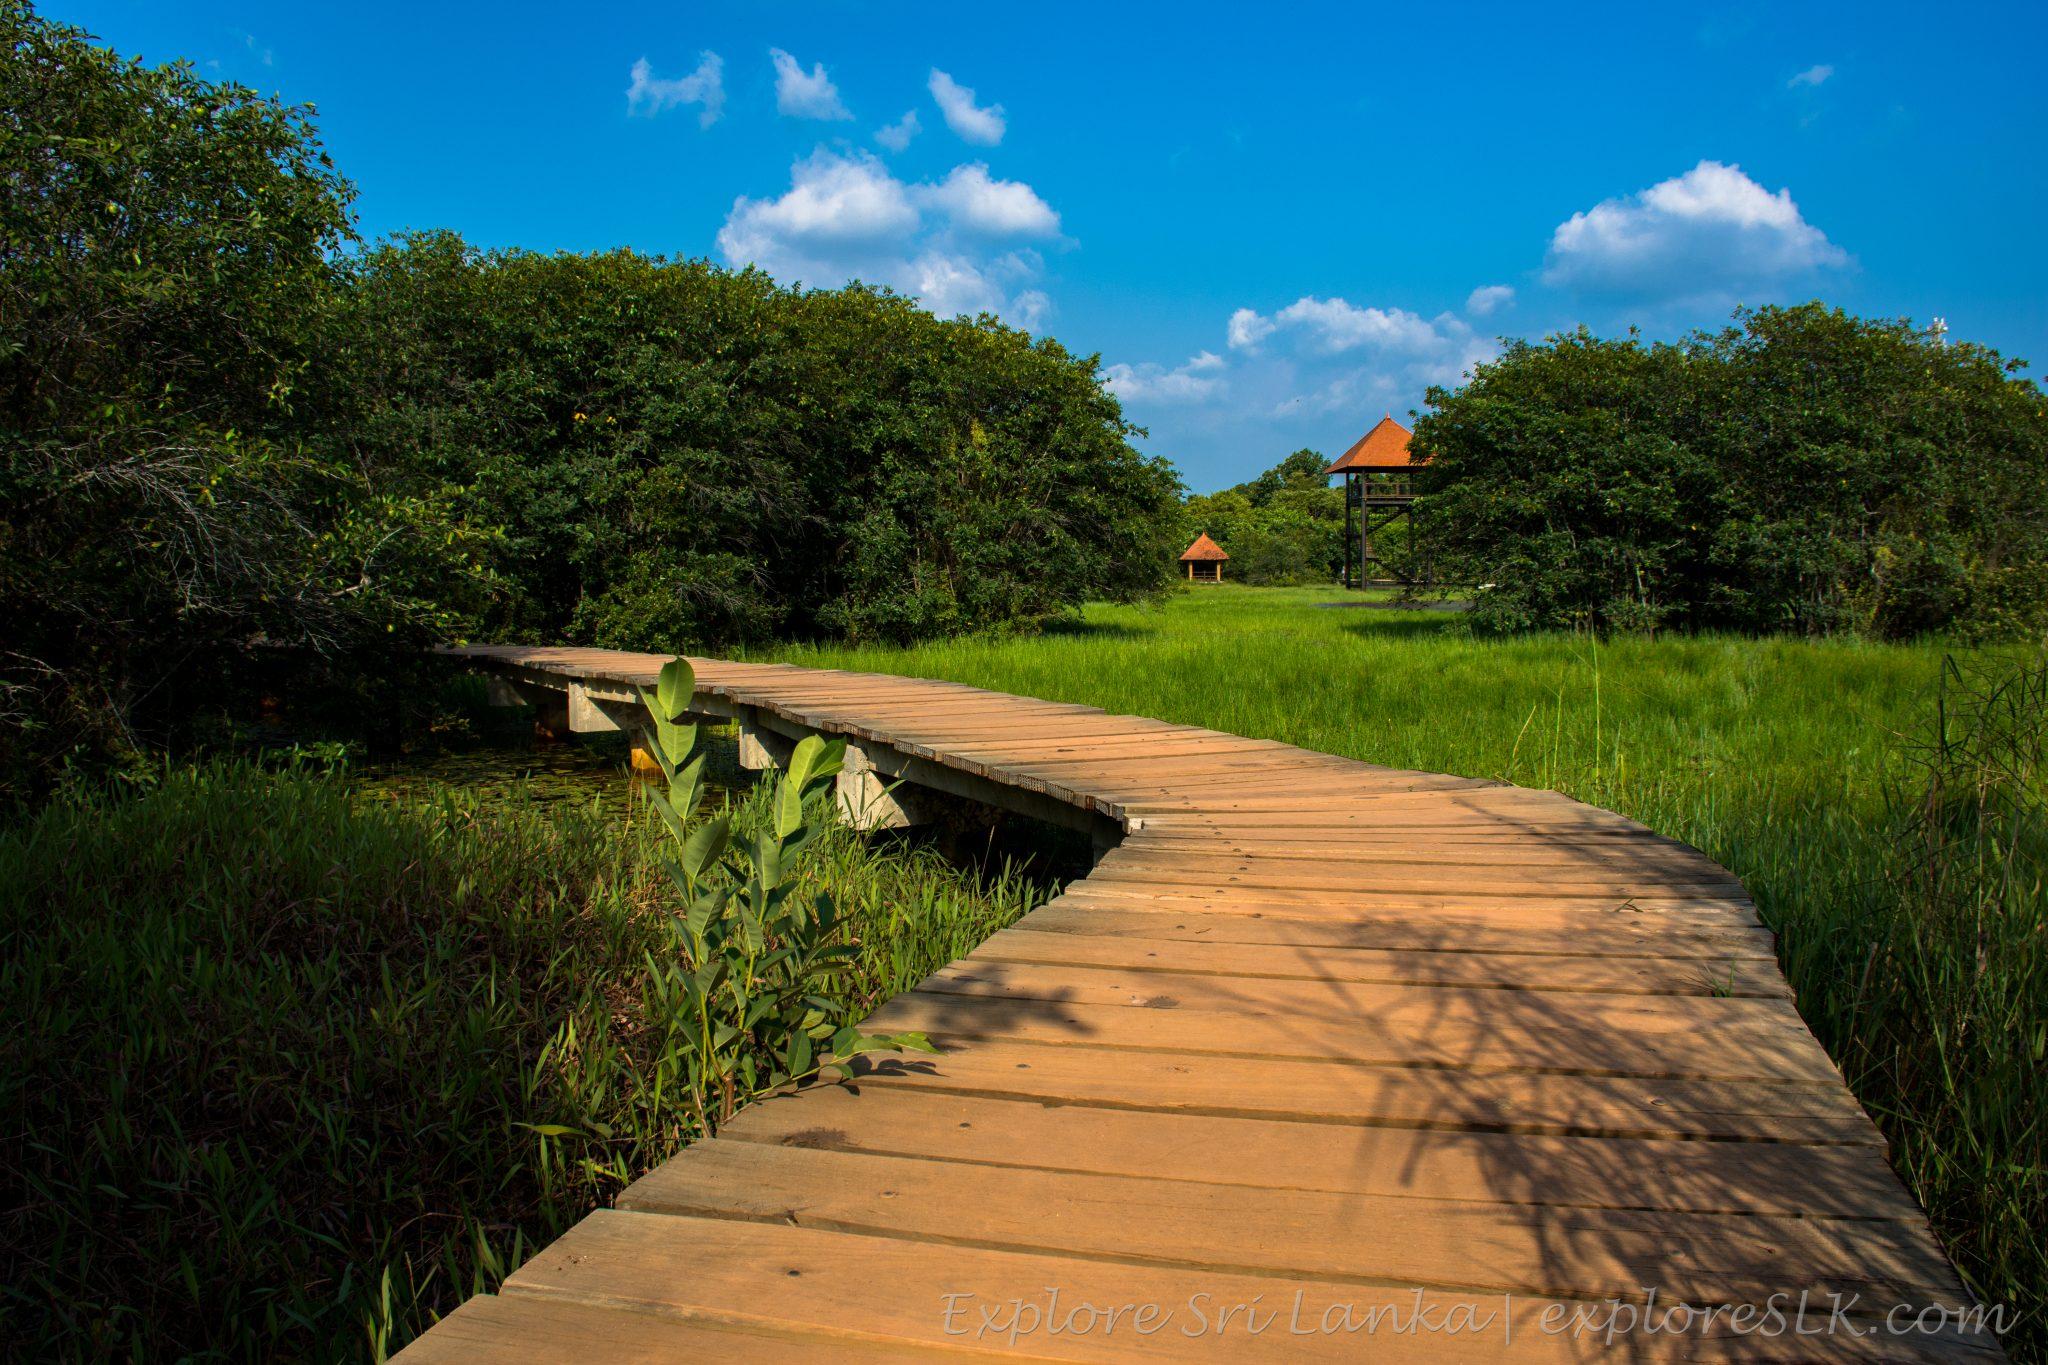 Footpaths in Beddagana Wetland Park